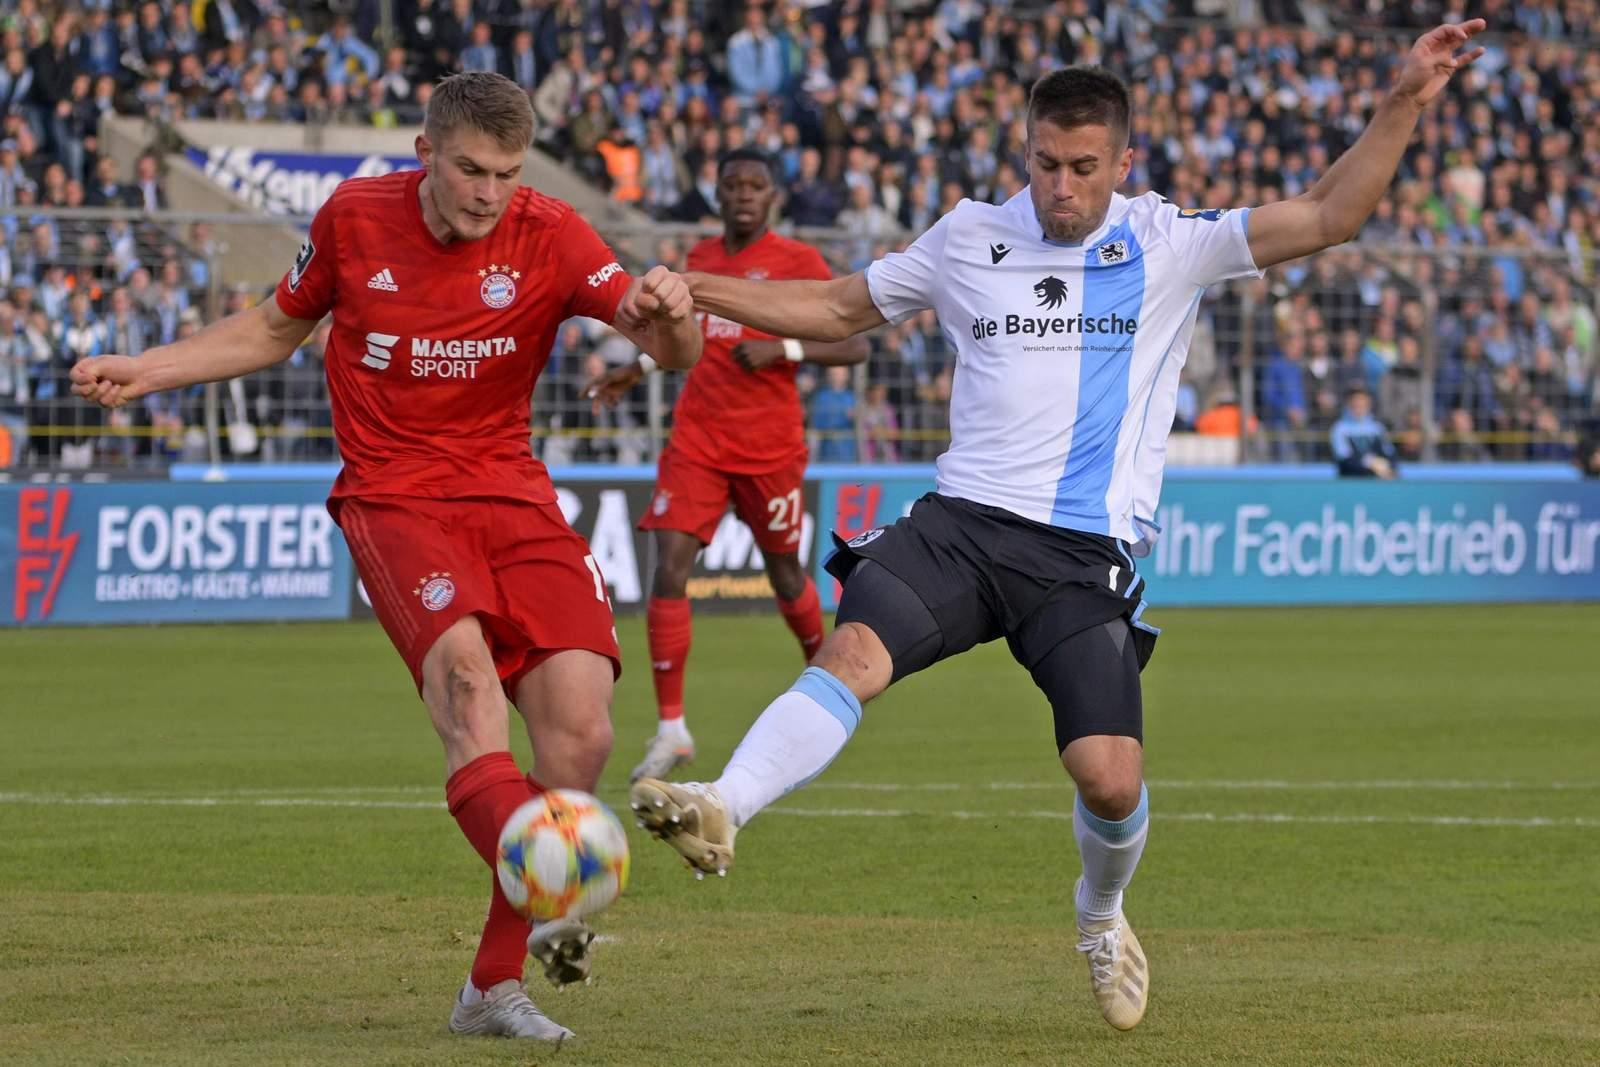 Lars Lukas Mai von der FC Bayern U23 gegen Stefan Lex von 1860 München